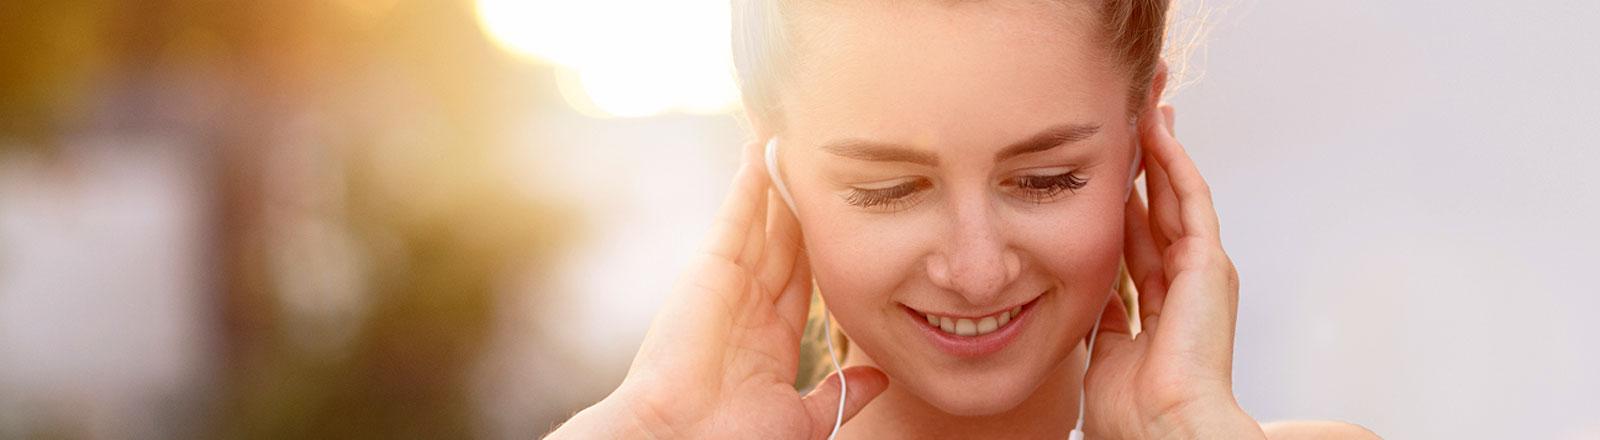 Junge Frau hört Musik im Sonnenschein